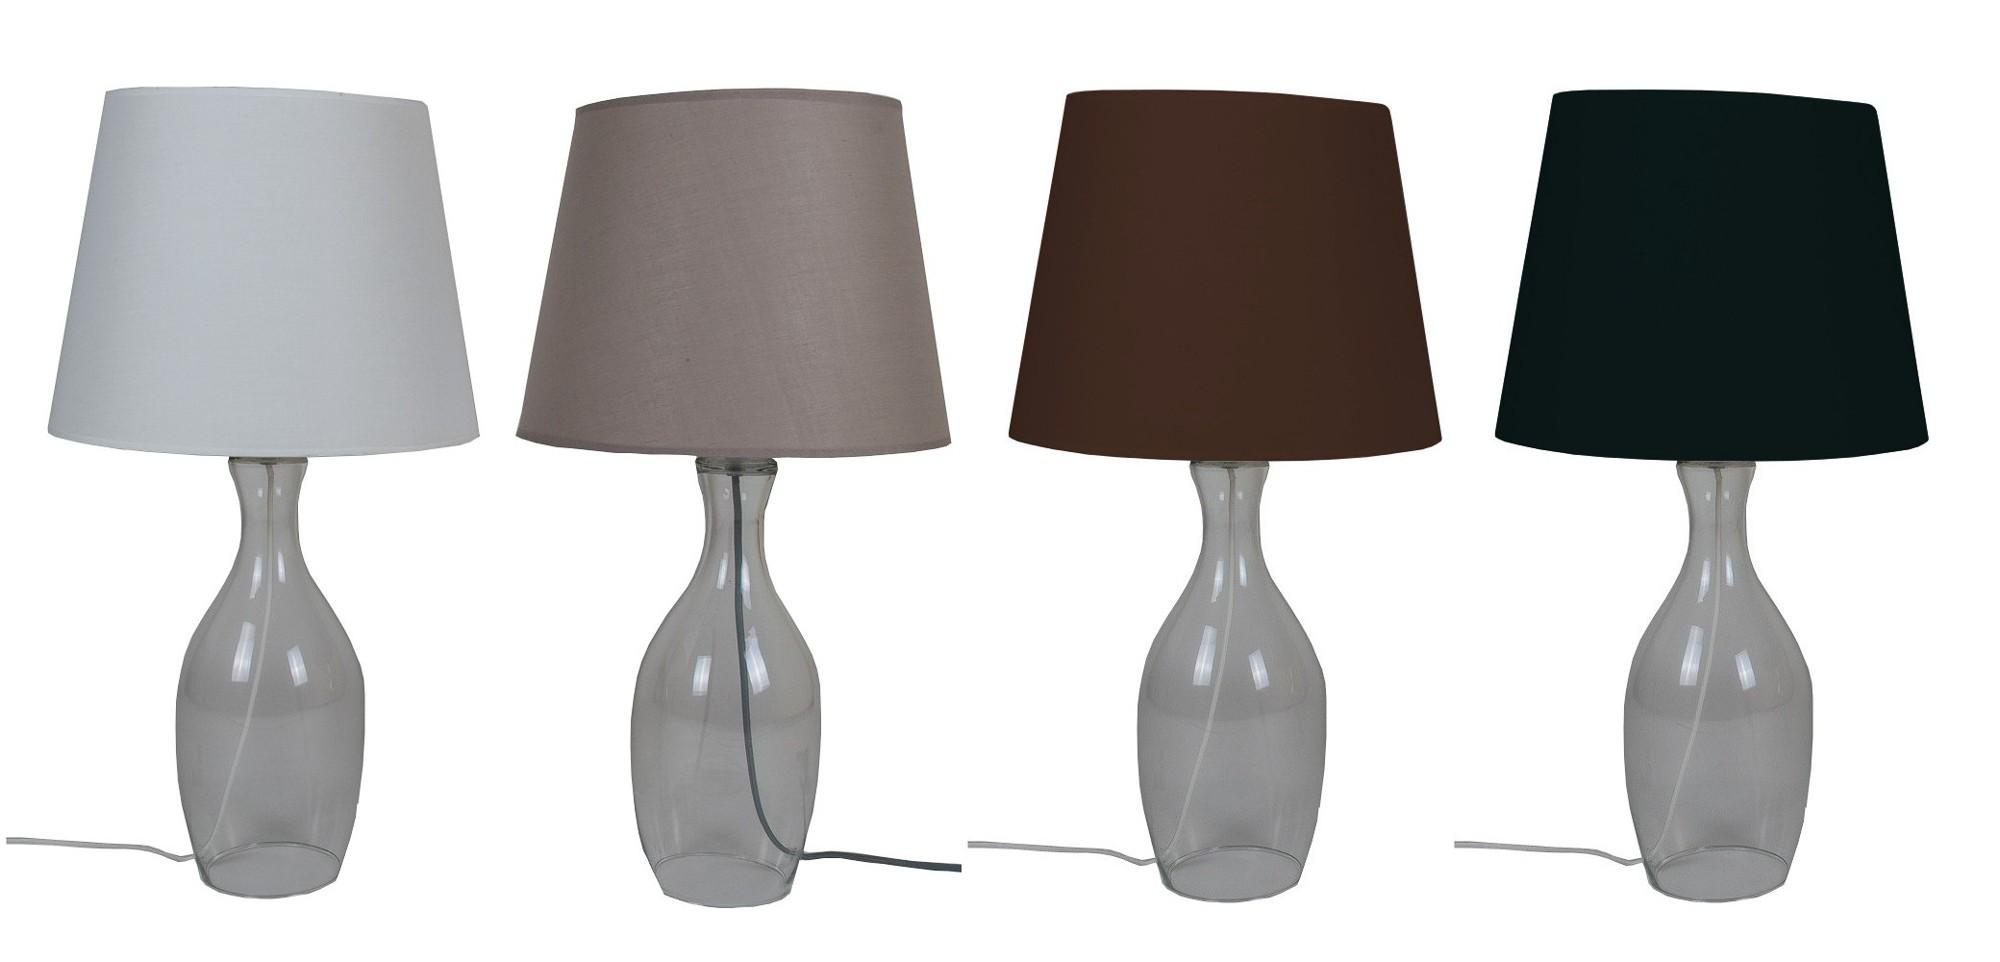 Wunderbar Tischlampe Glasfuß Beste Wahl Mit Glasfuß 63 Cm 1